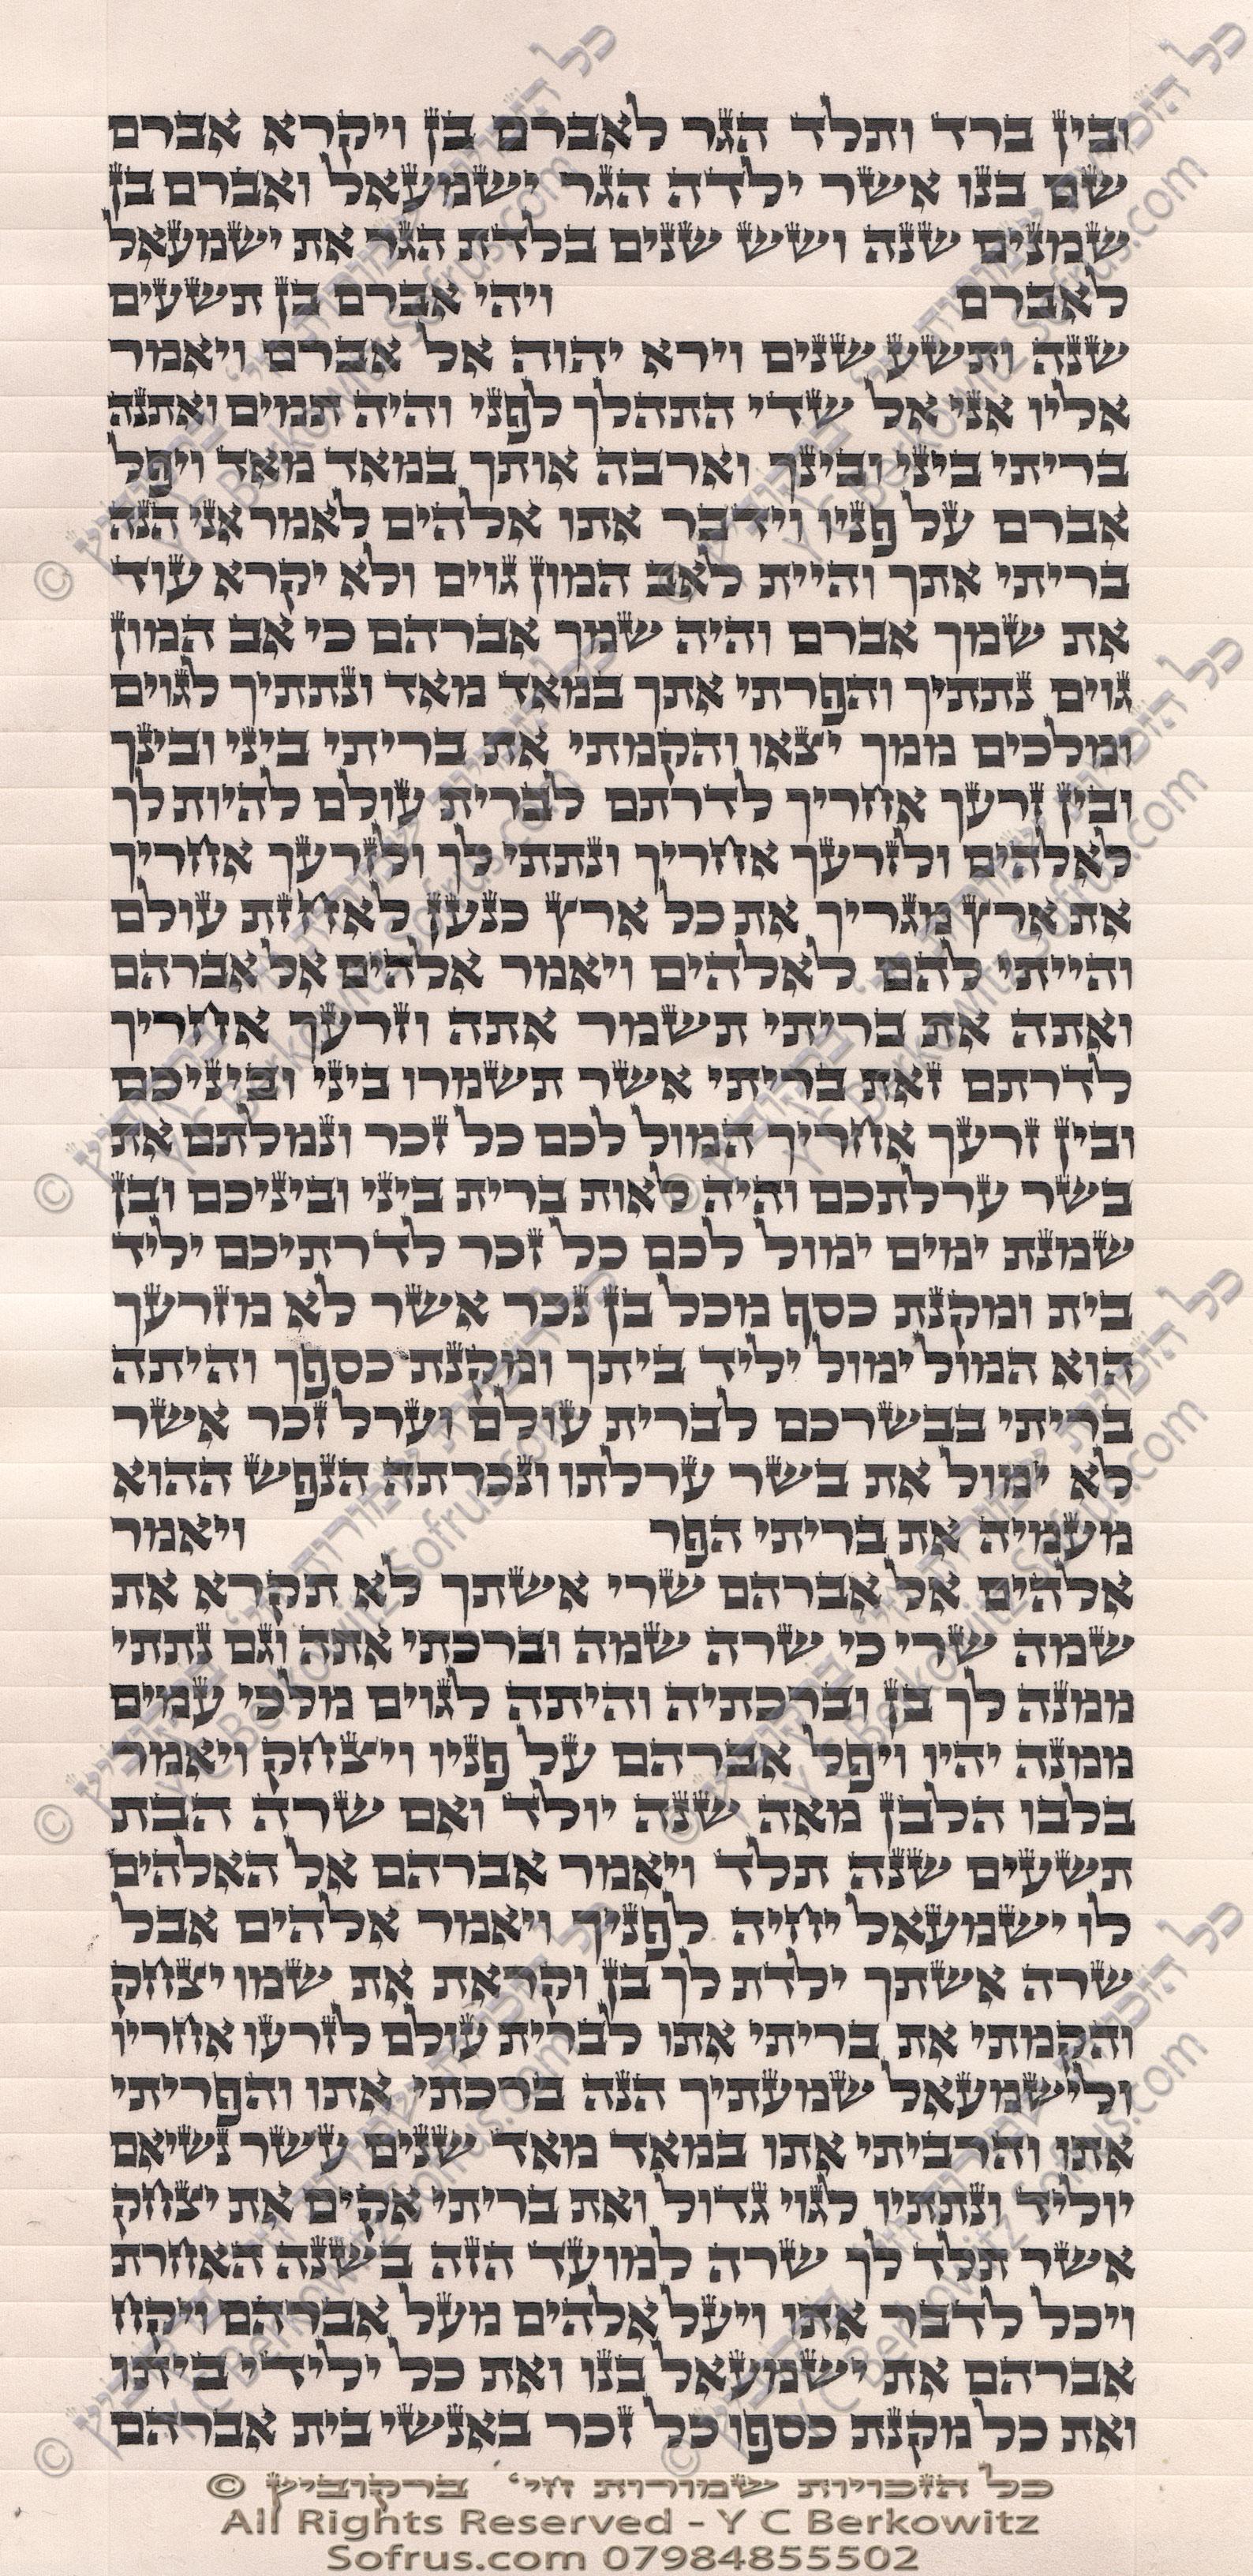 sefer-torah-16-lech